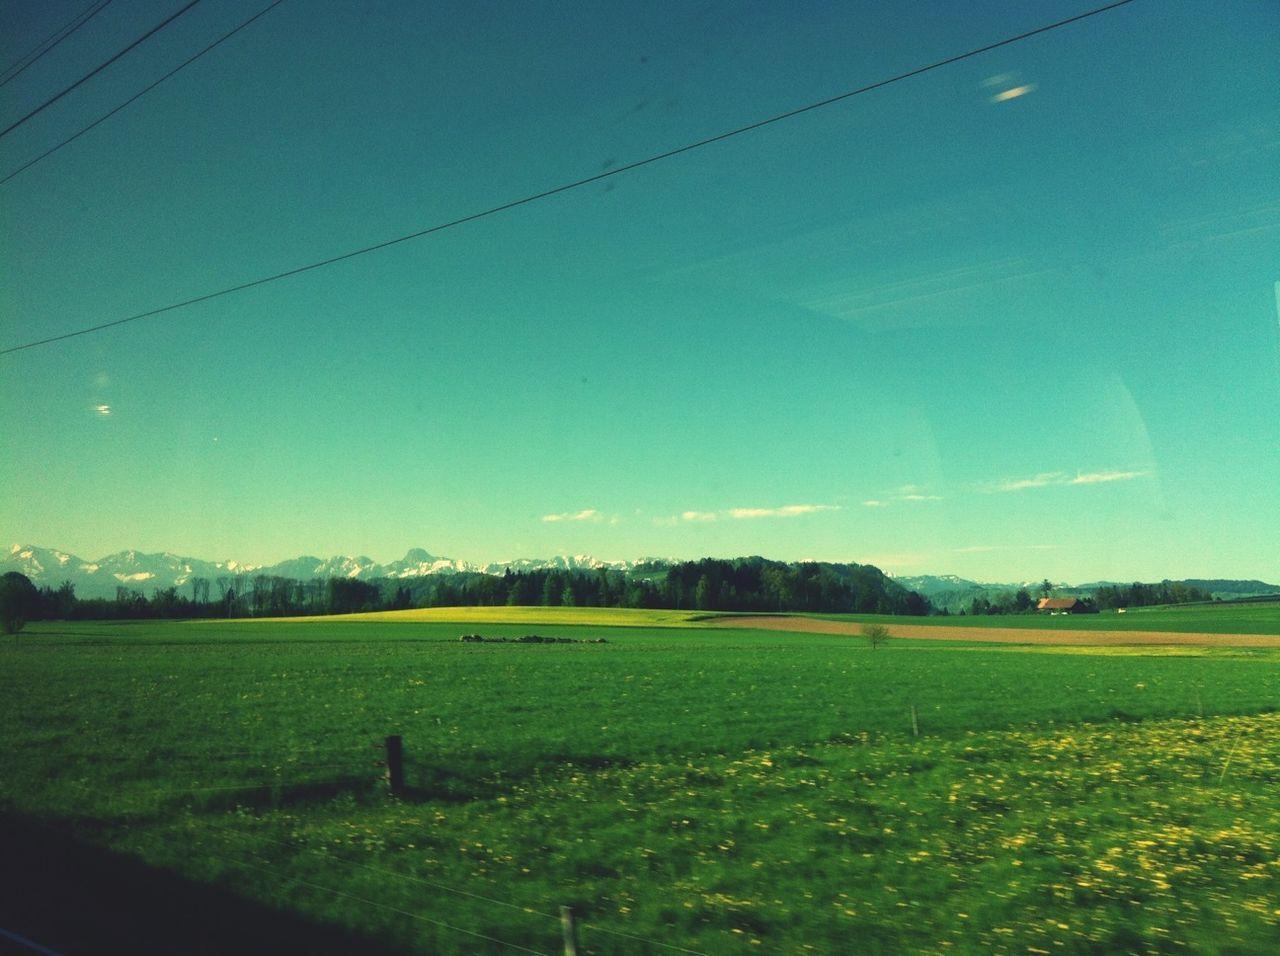 Crops on landscape